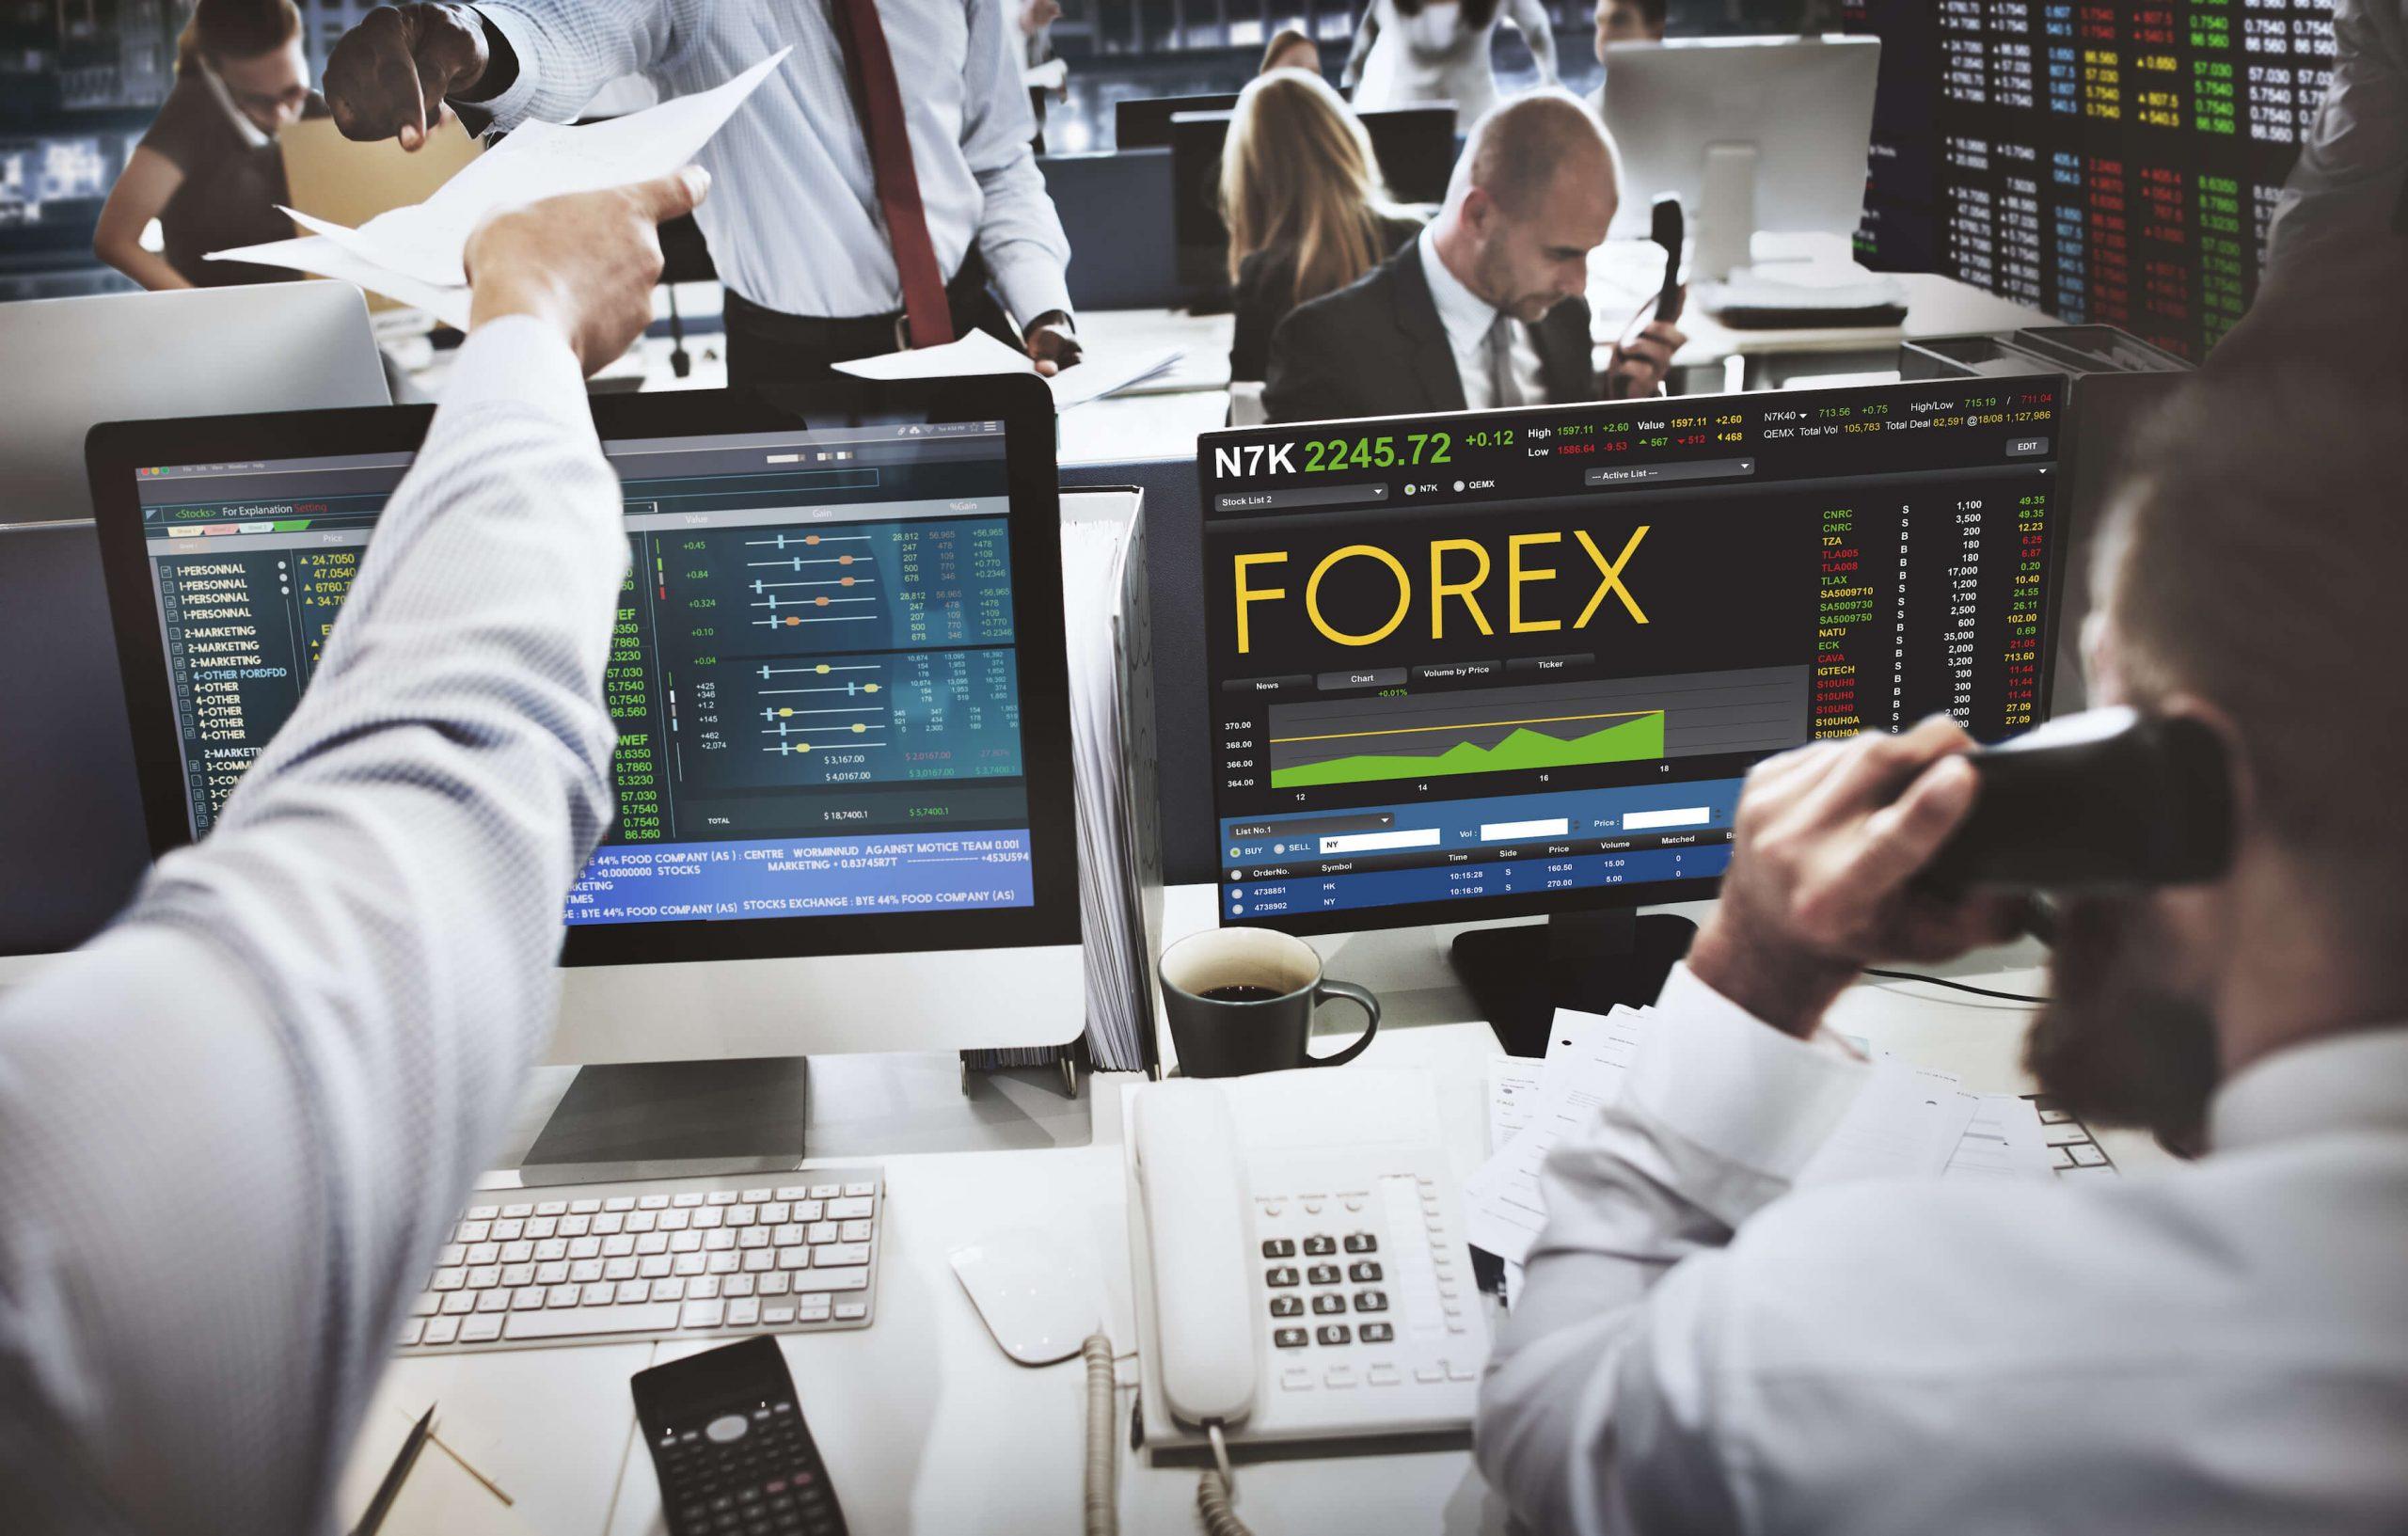 brokerii btc forex